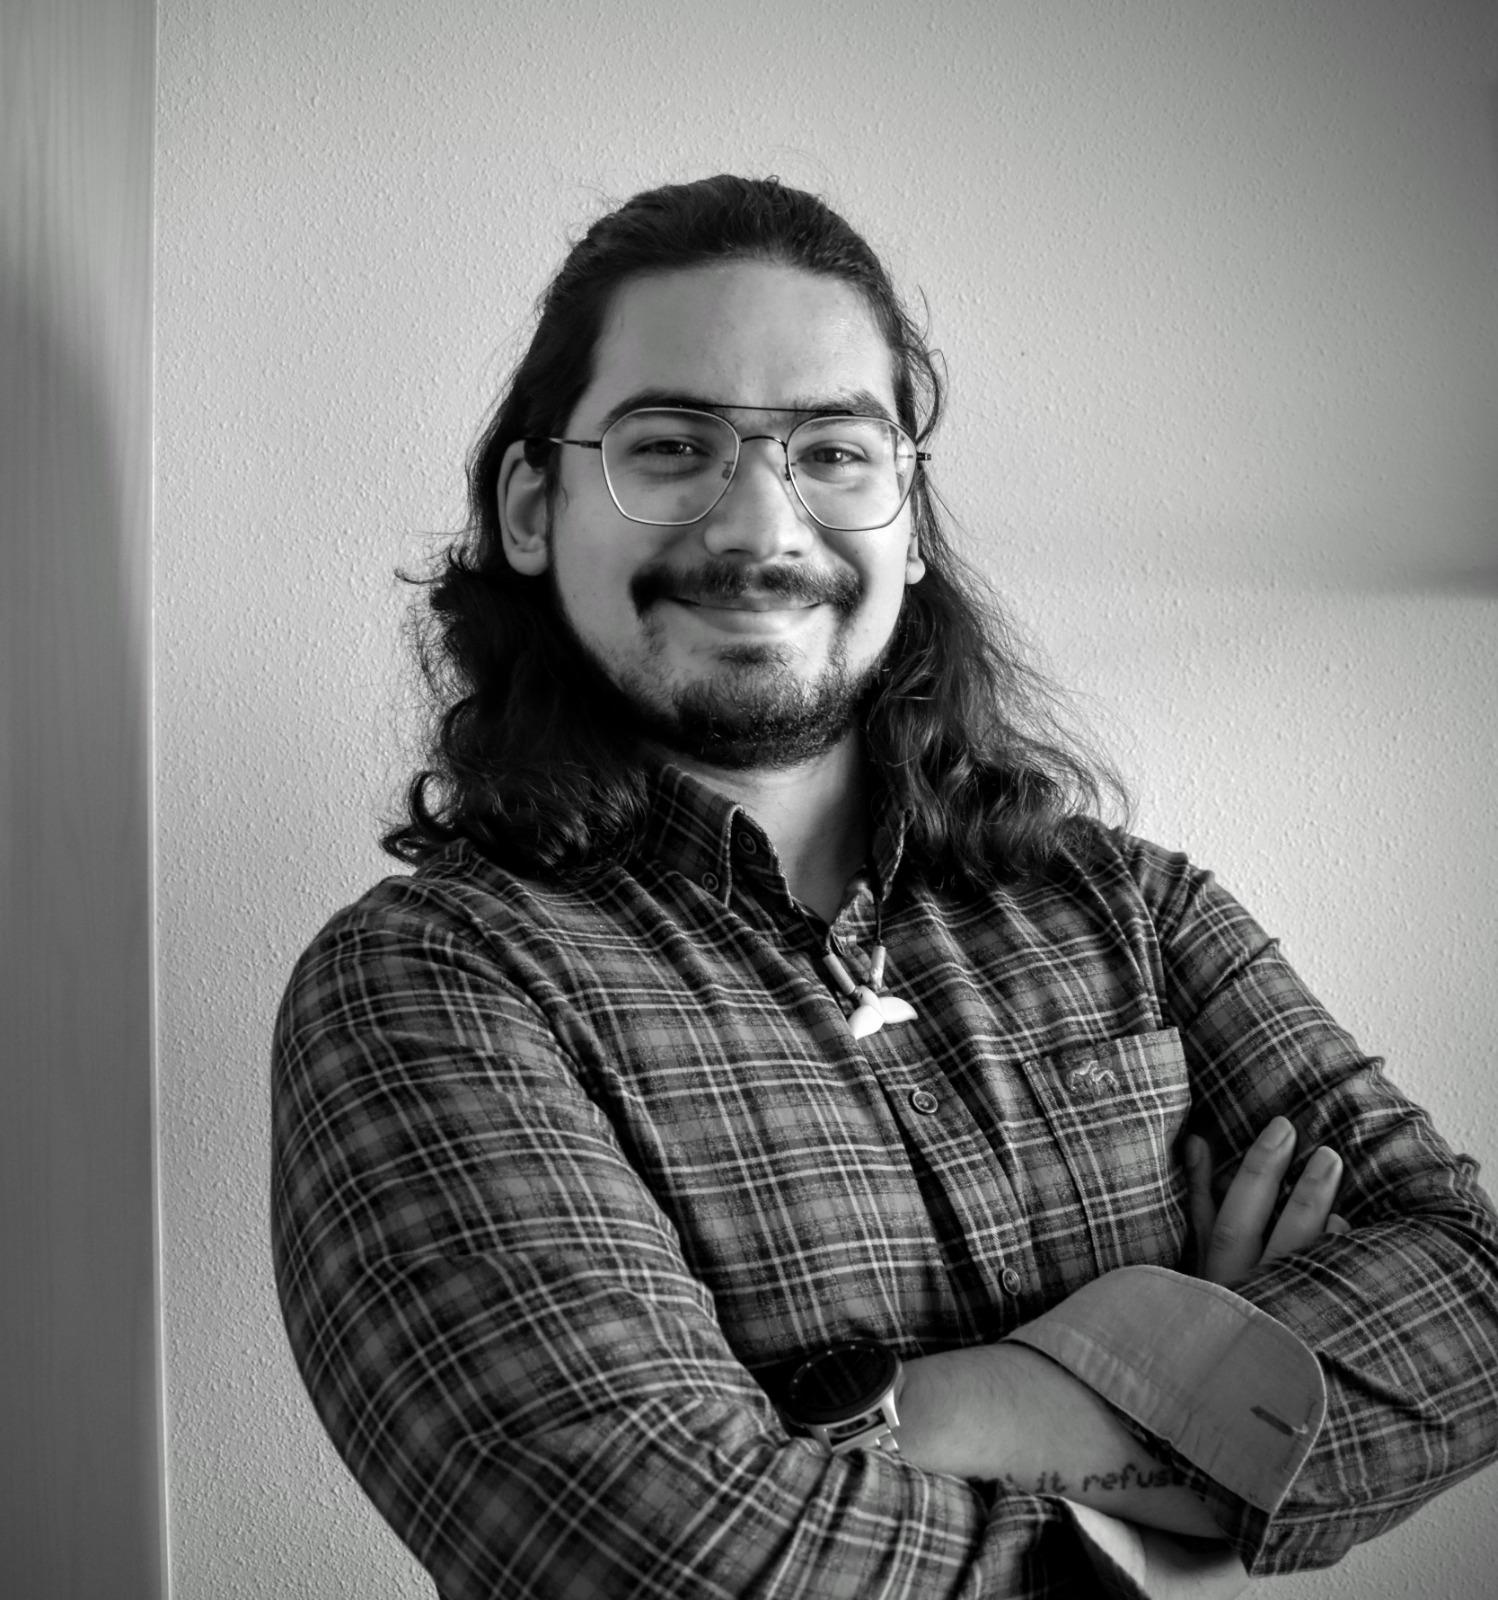 Marcos Manrique Crespo